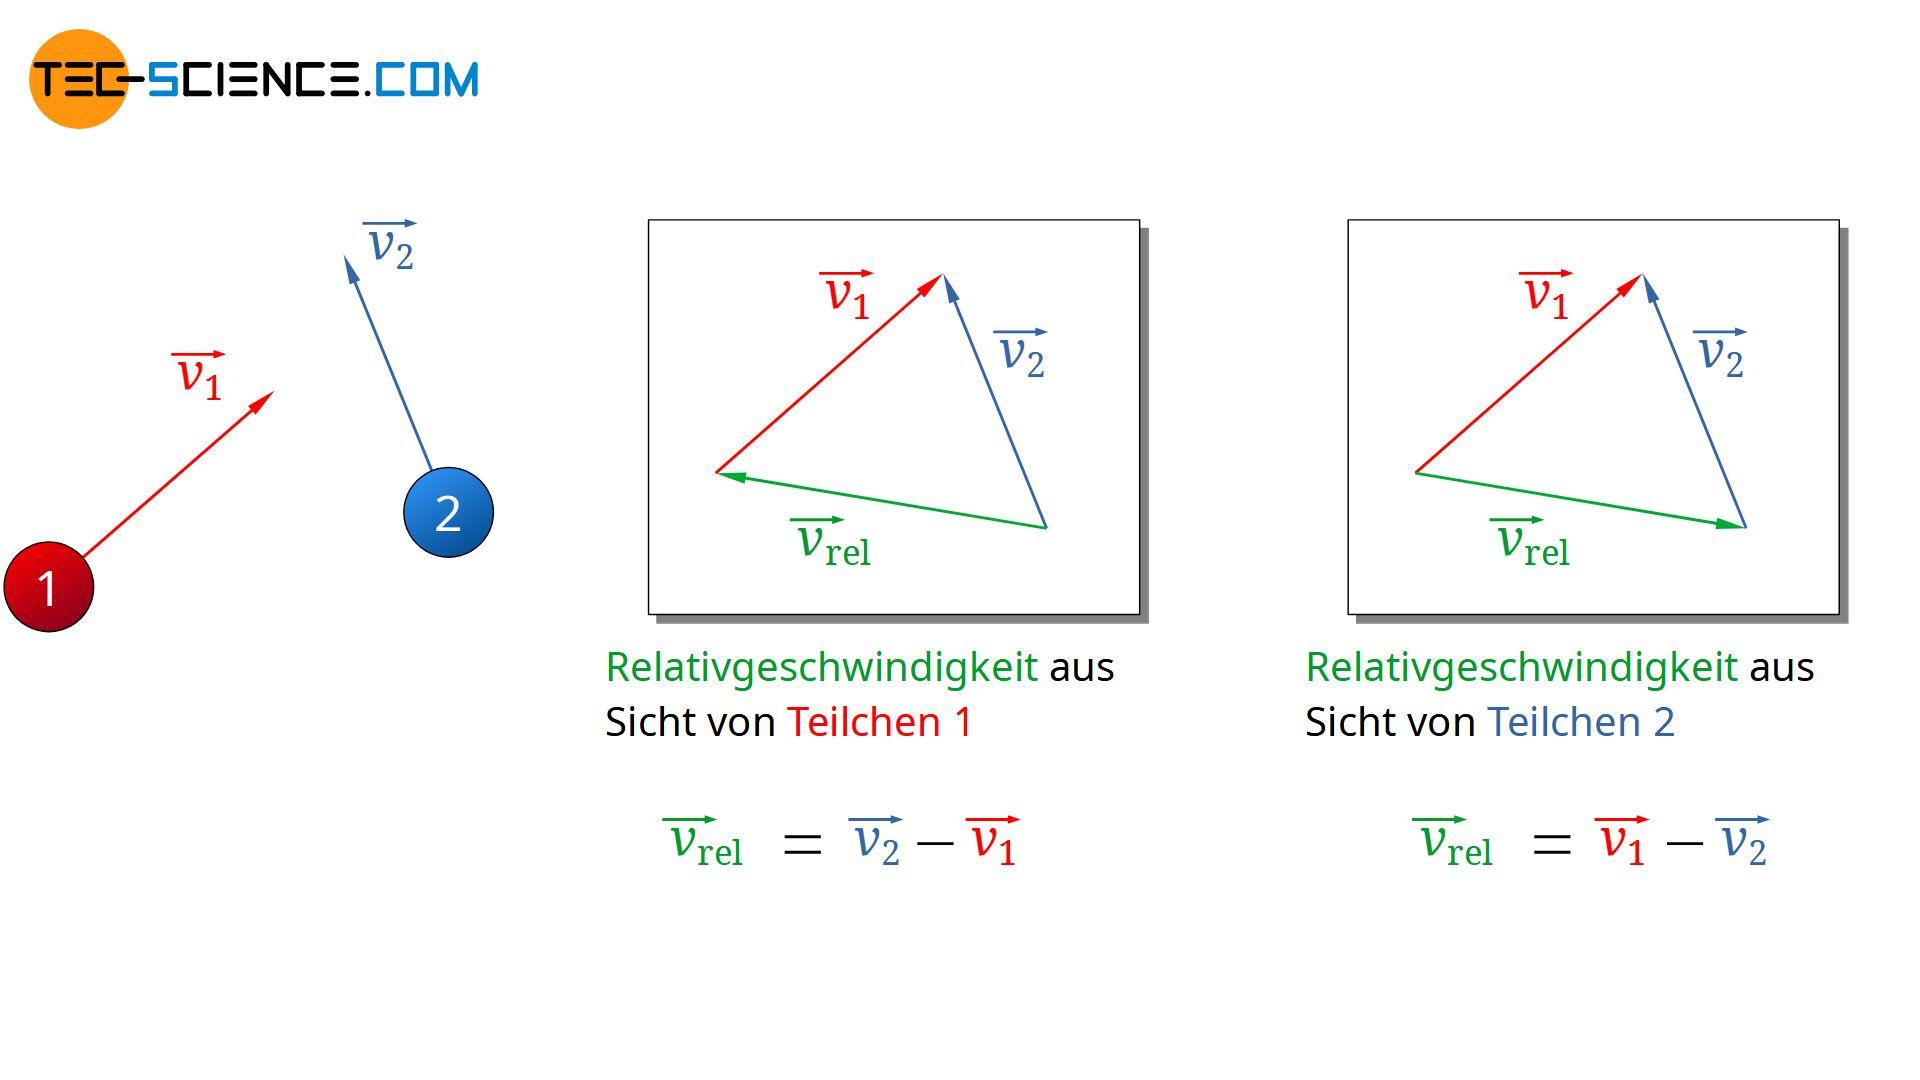 Relativgeschwindigkeit zwischen zwei Teilchen